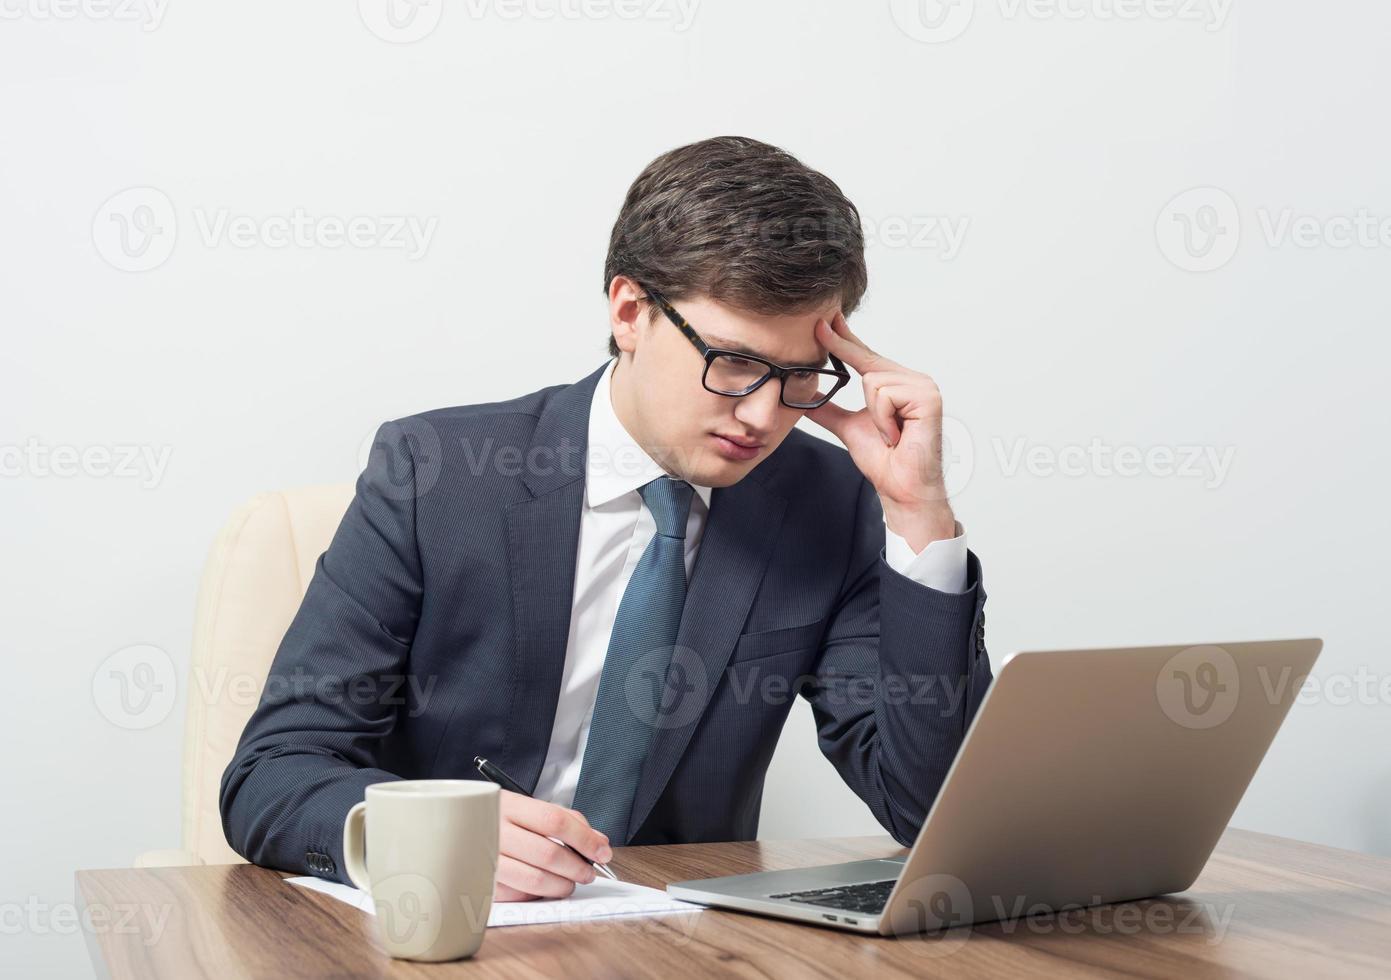 uomini d'affari che lavorano con il computer portatile foto